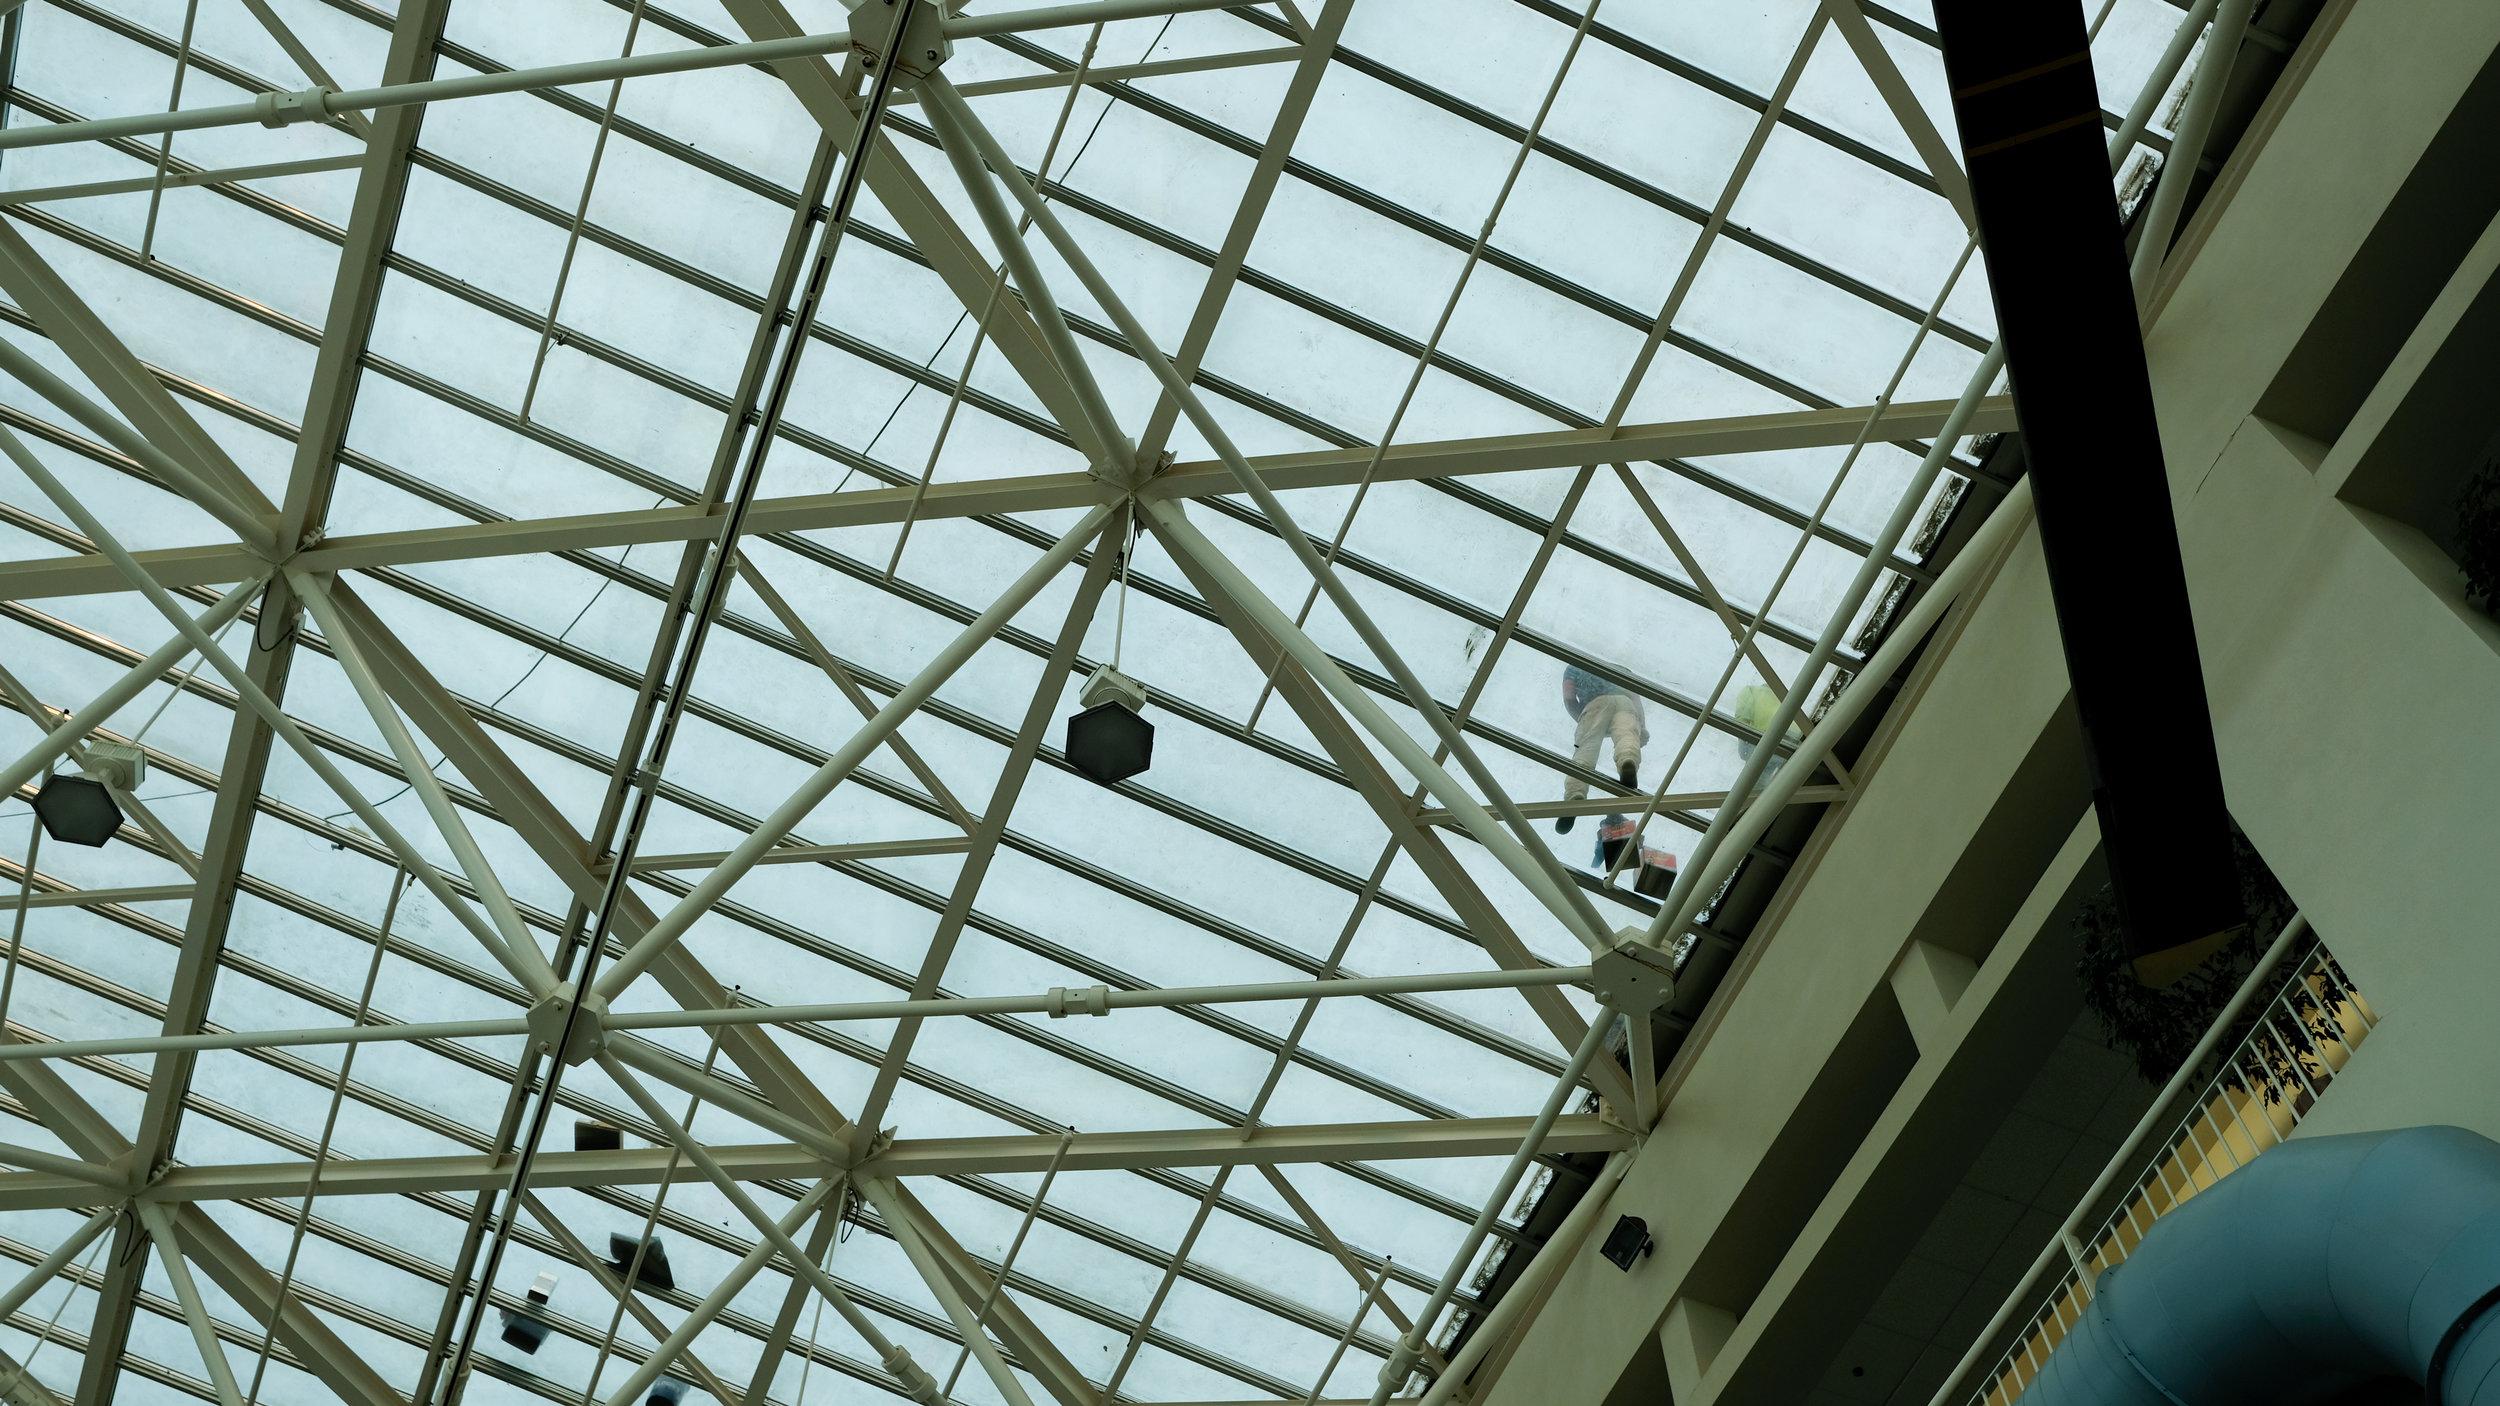 03_SEATTLE_museum-of-flight.jpg